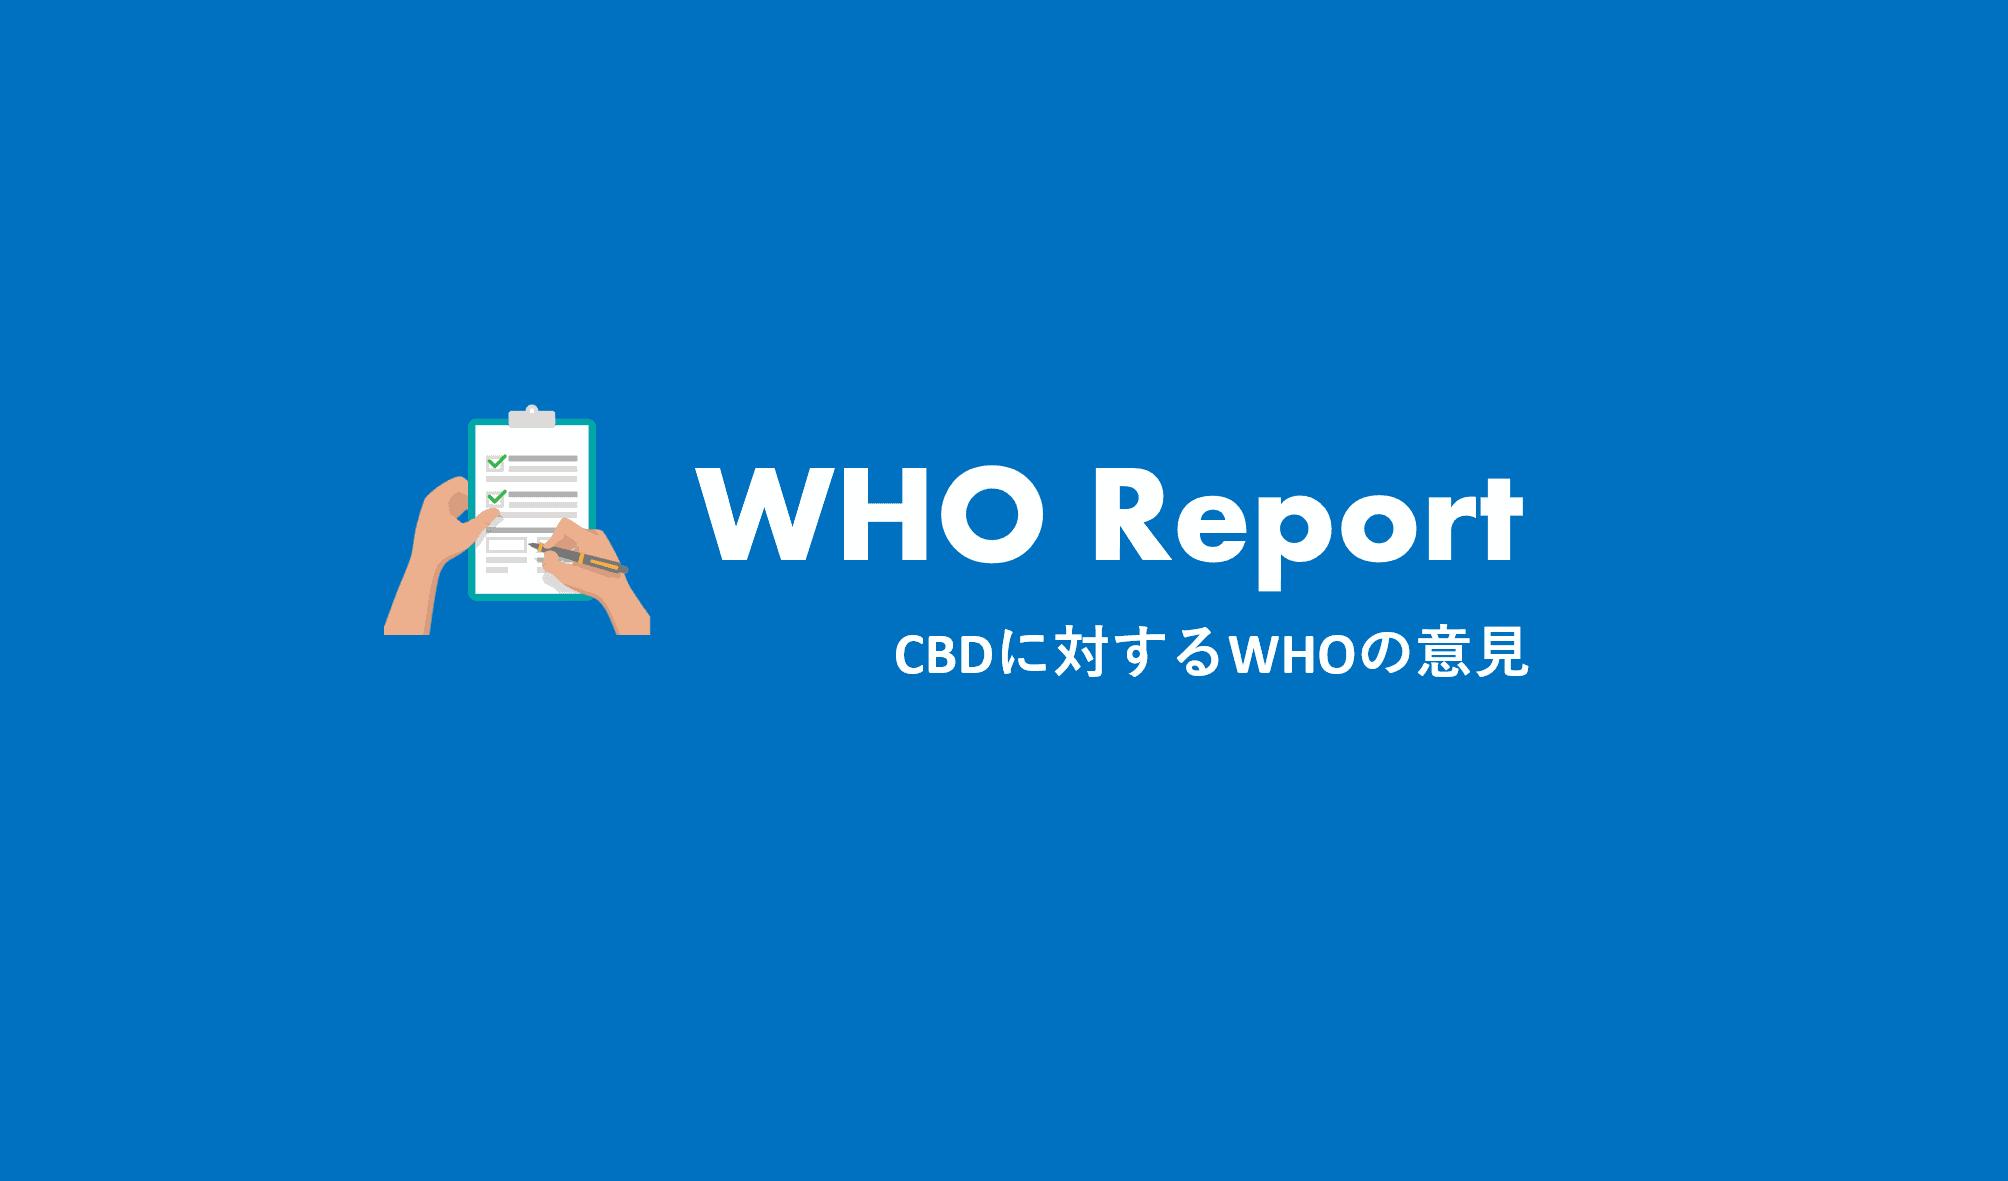 CBDオイルに対する、WHO(世界保健機関)の考えを翻訳掲載